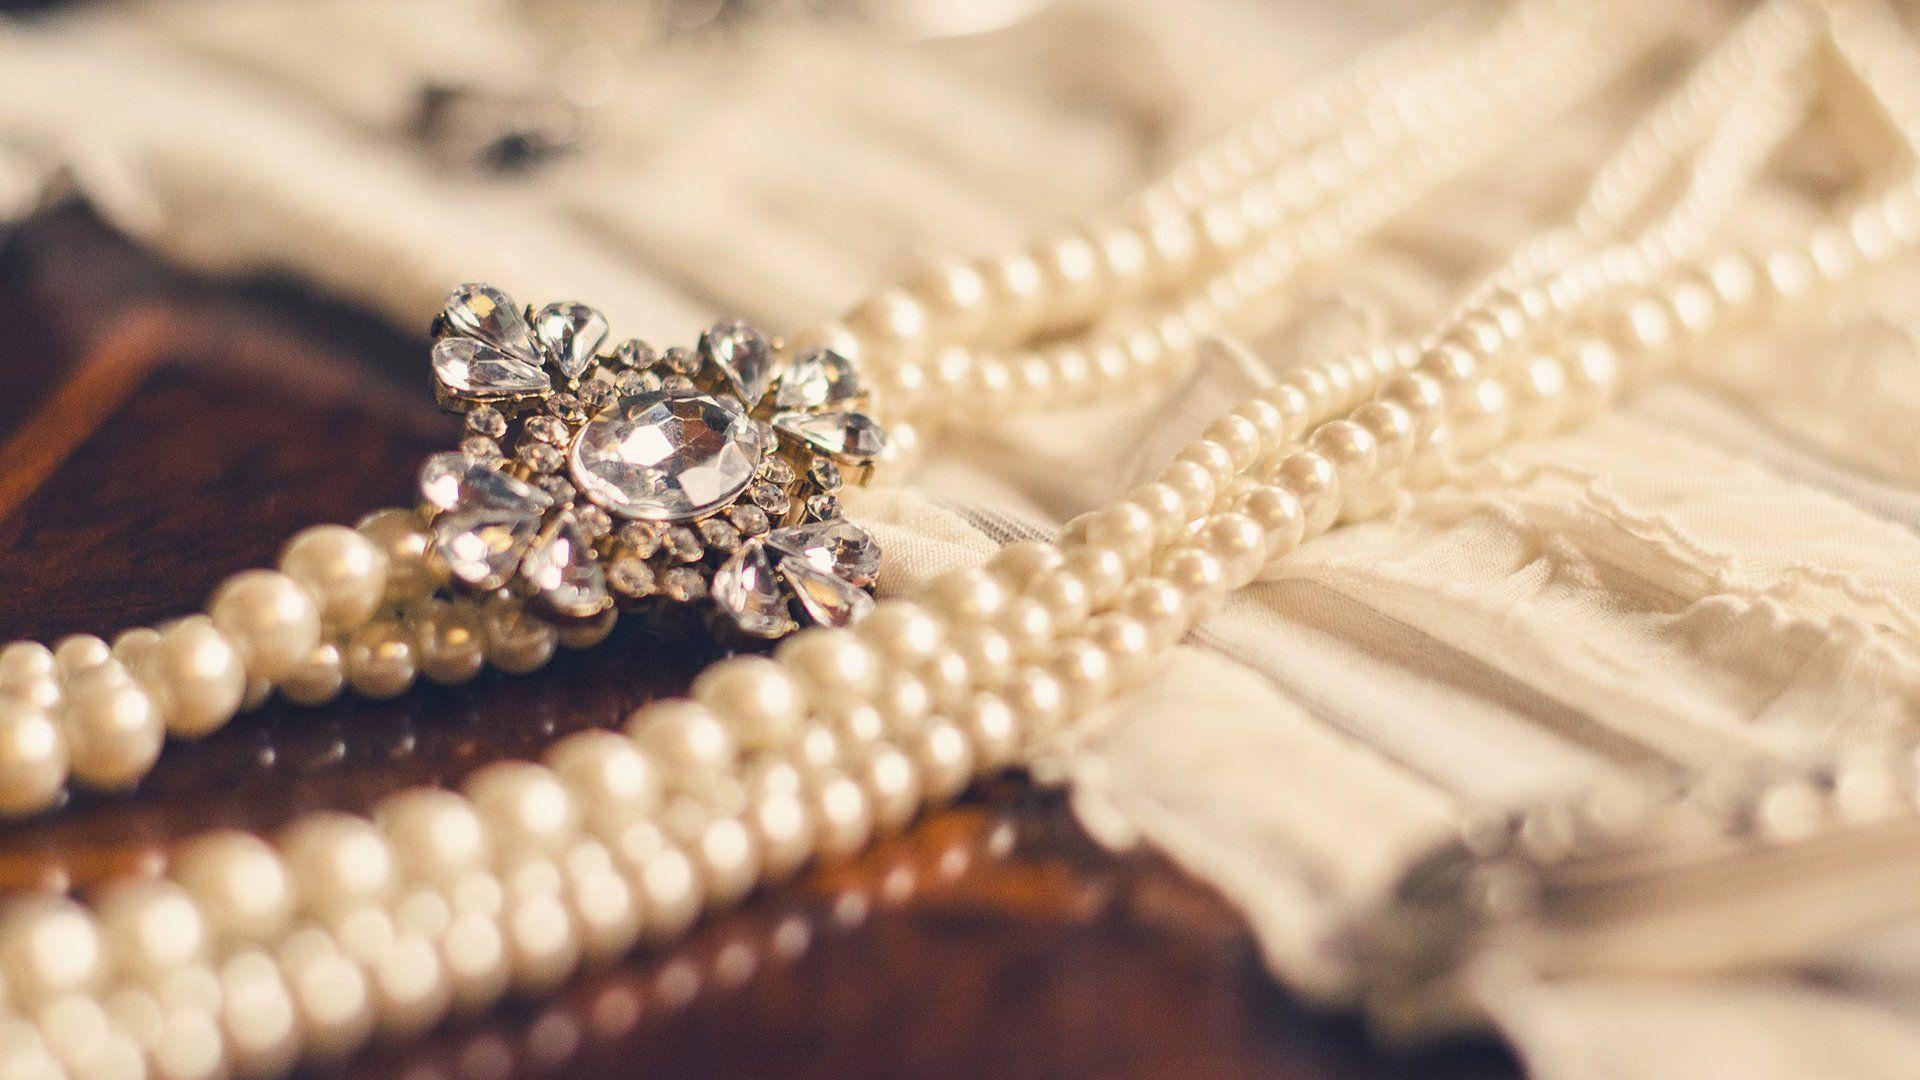 Pearl wallpaper image hd